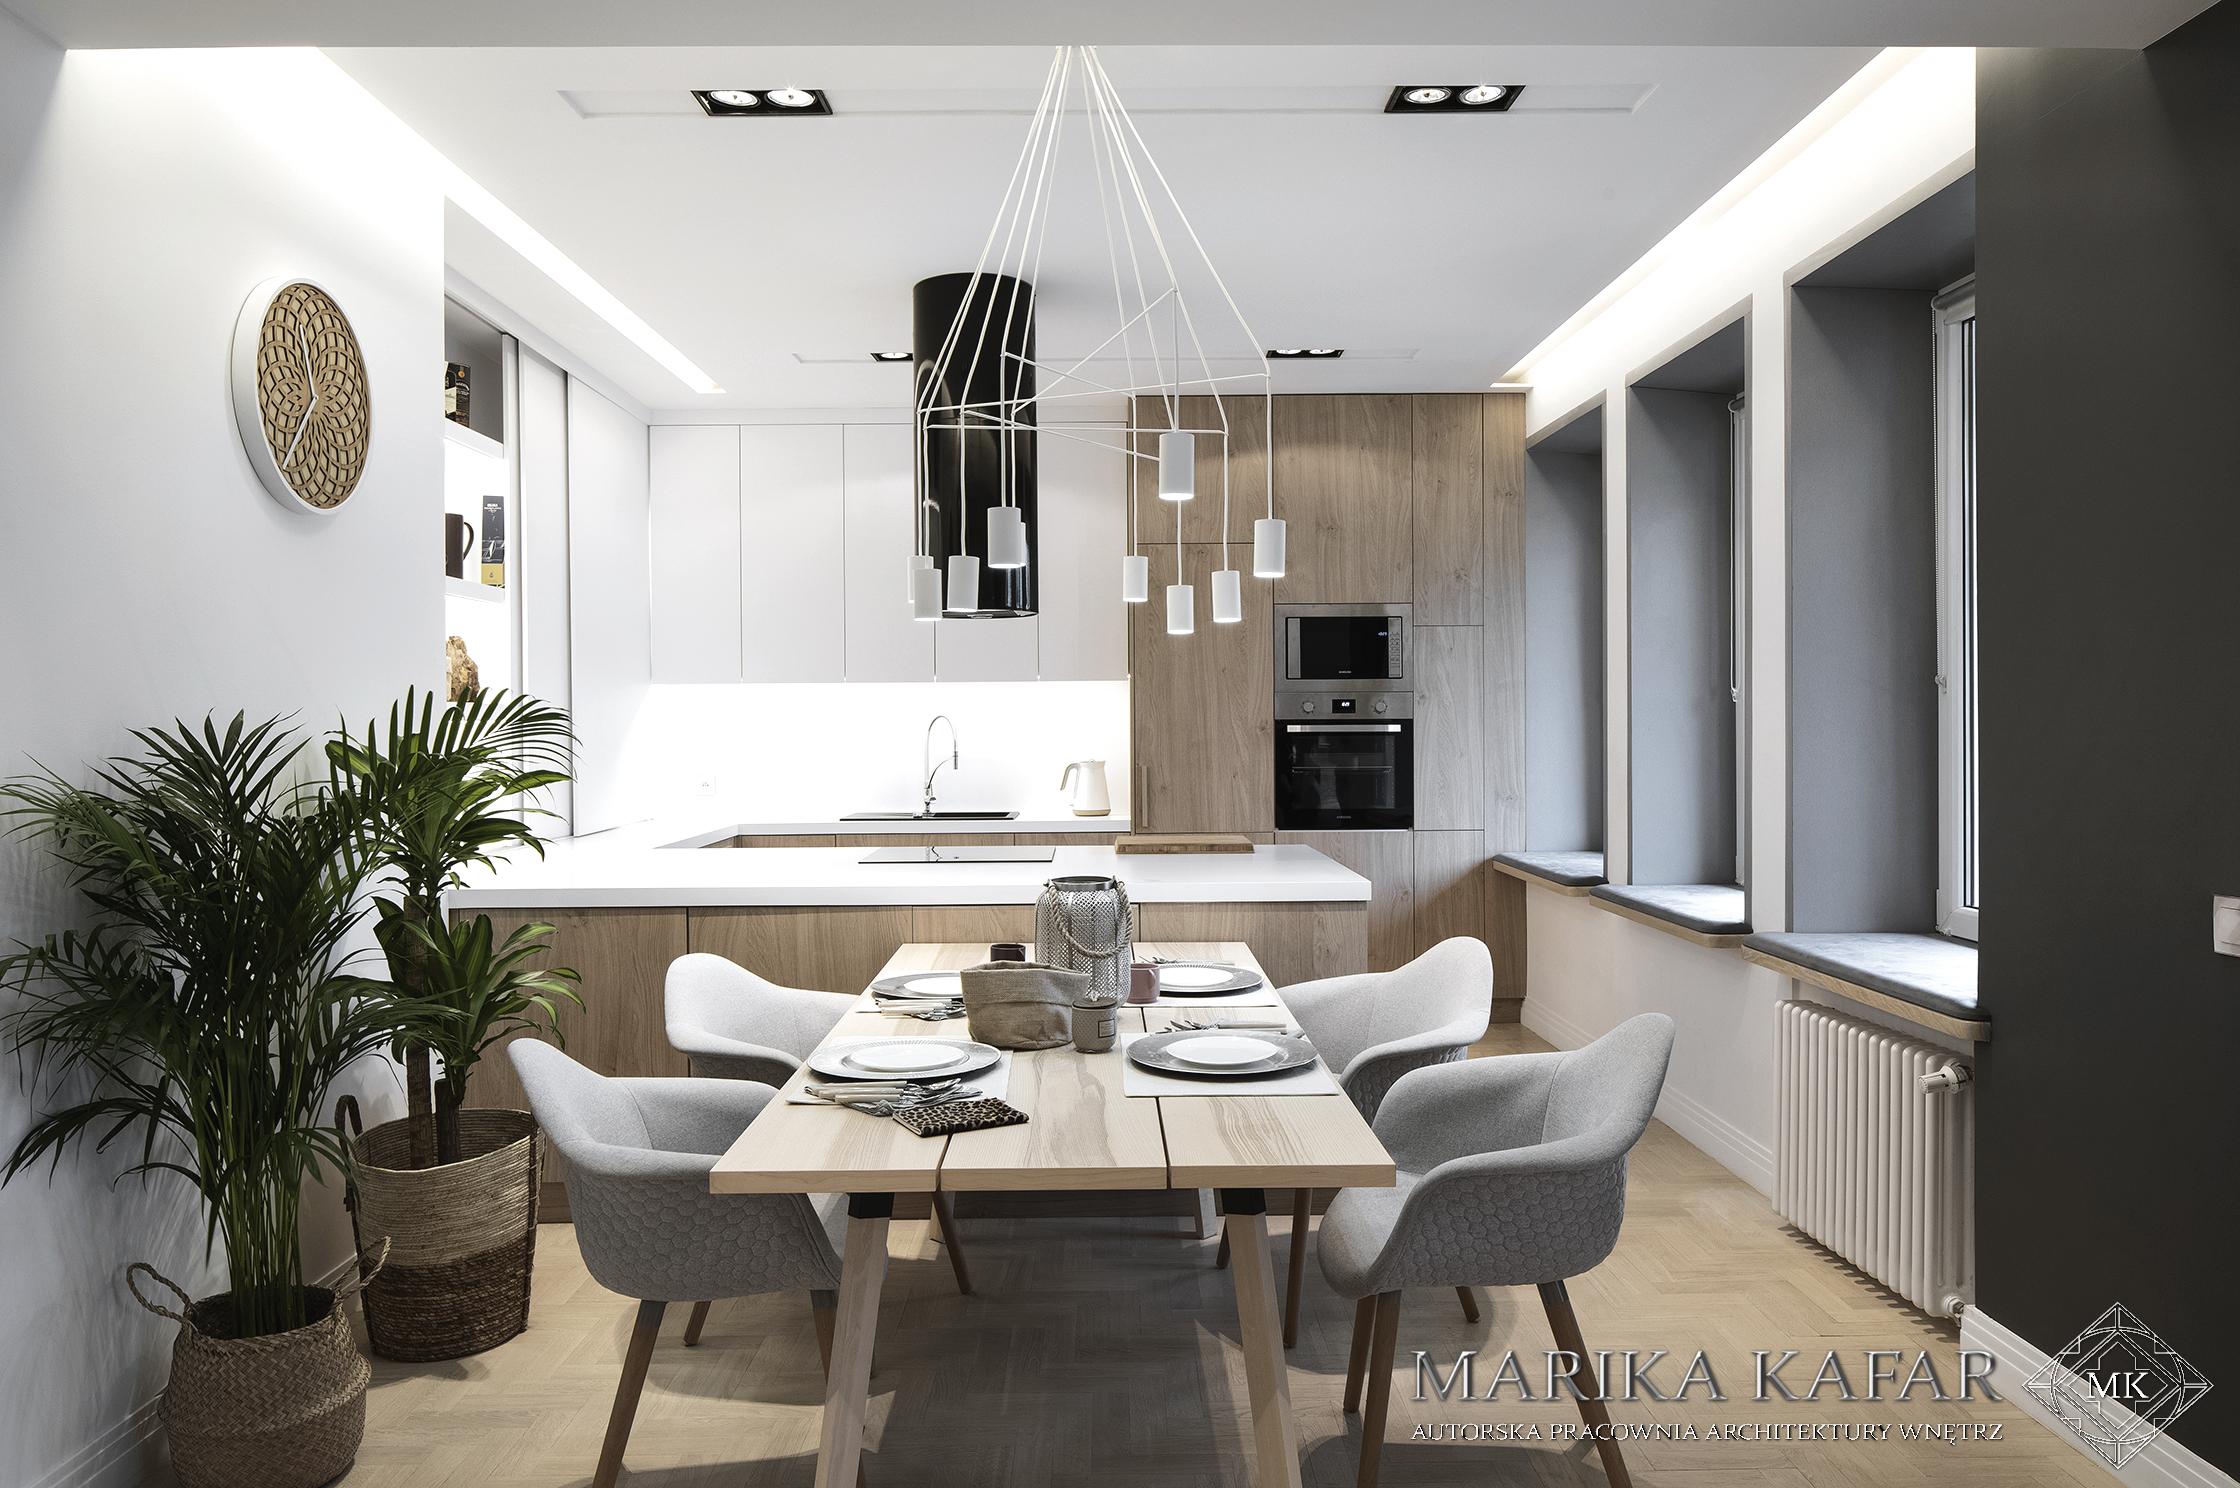 Marika Kafar. Drewniany stół do jadalni.